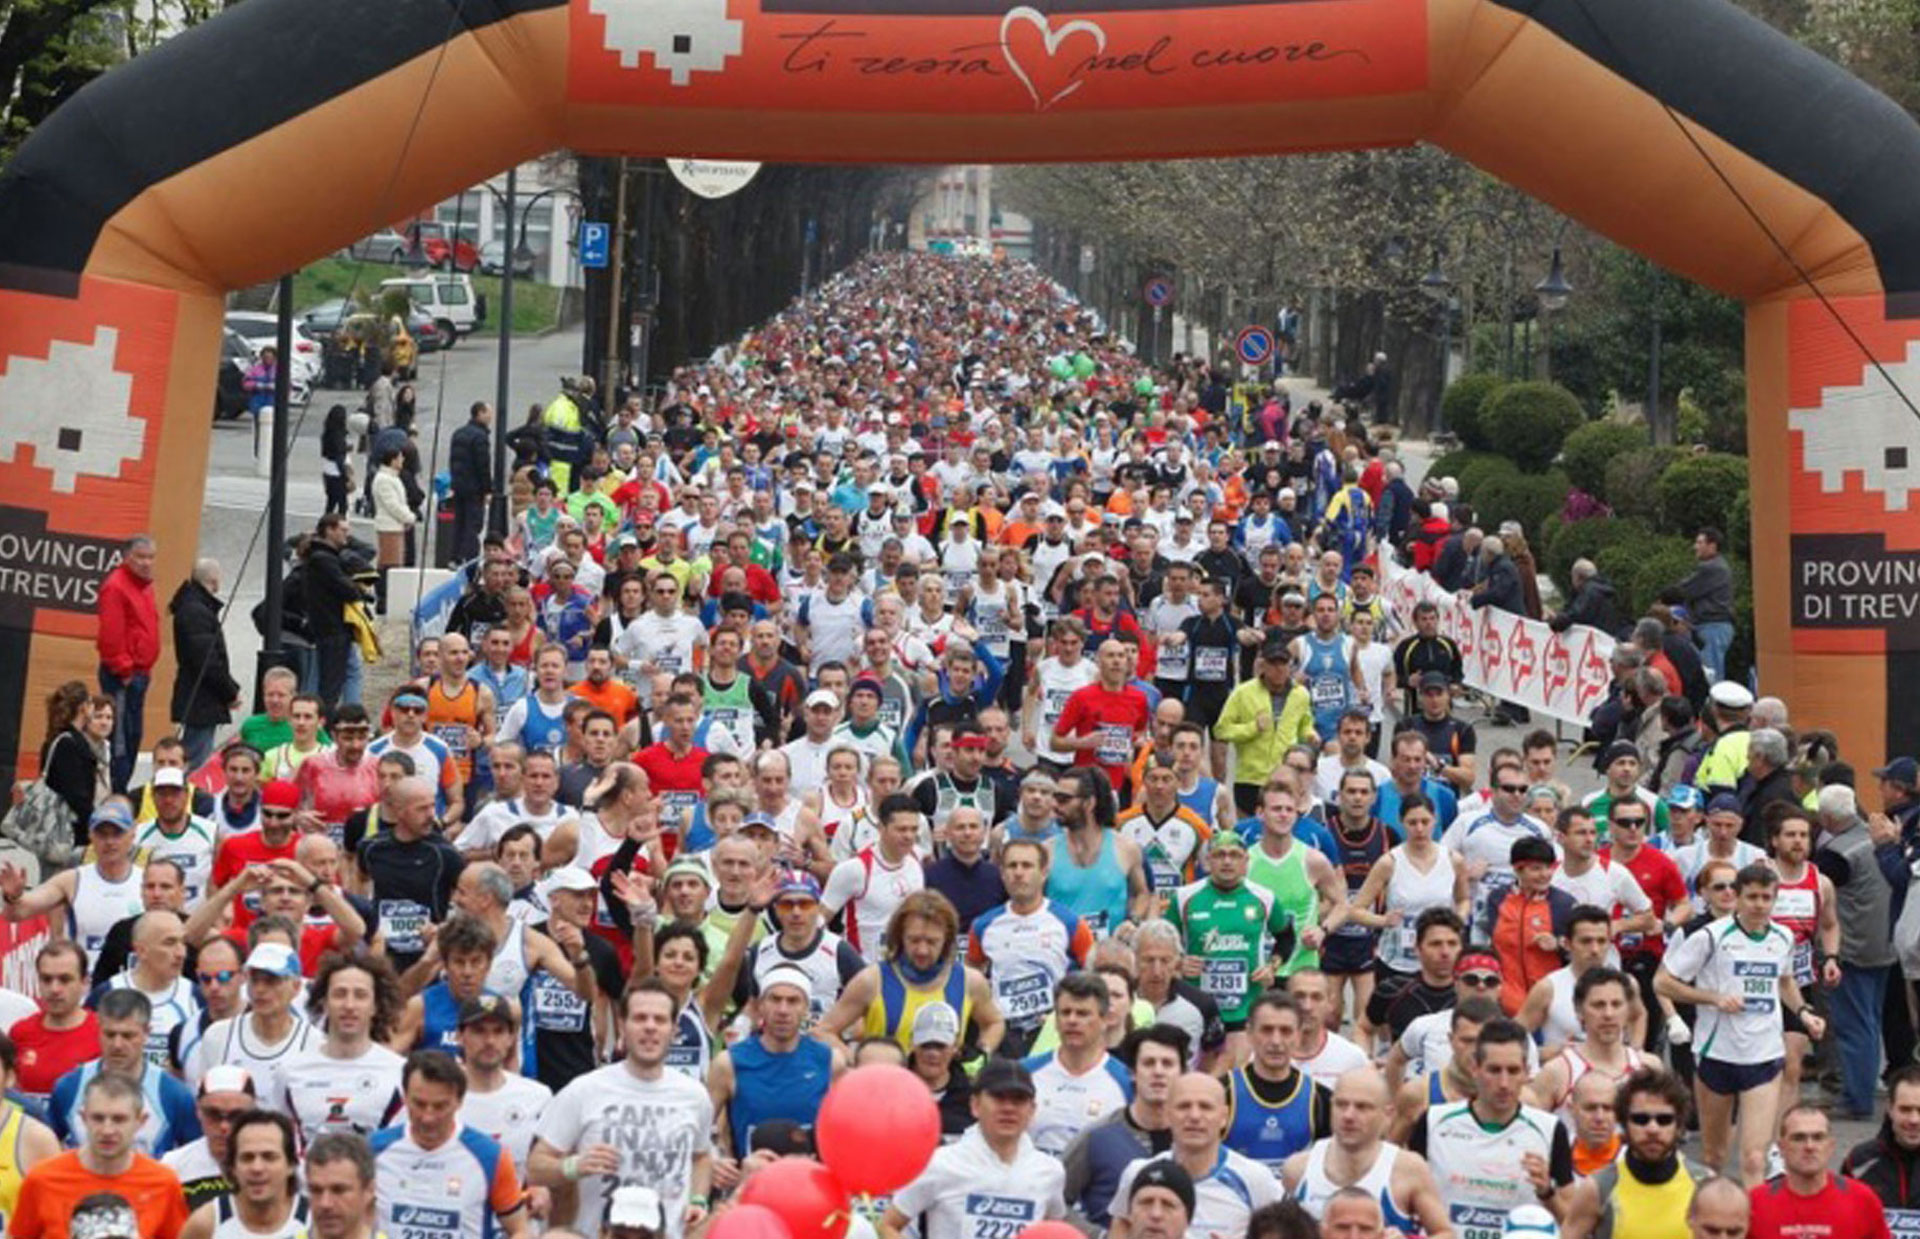 treviso-marathon - B&B Centro della Famiglia Treviso